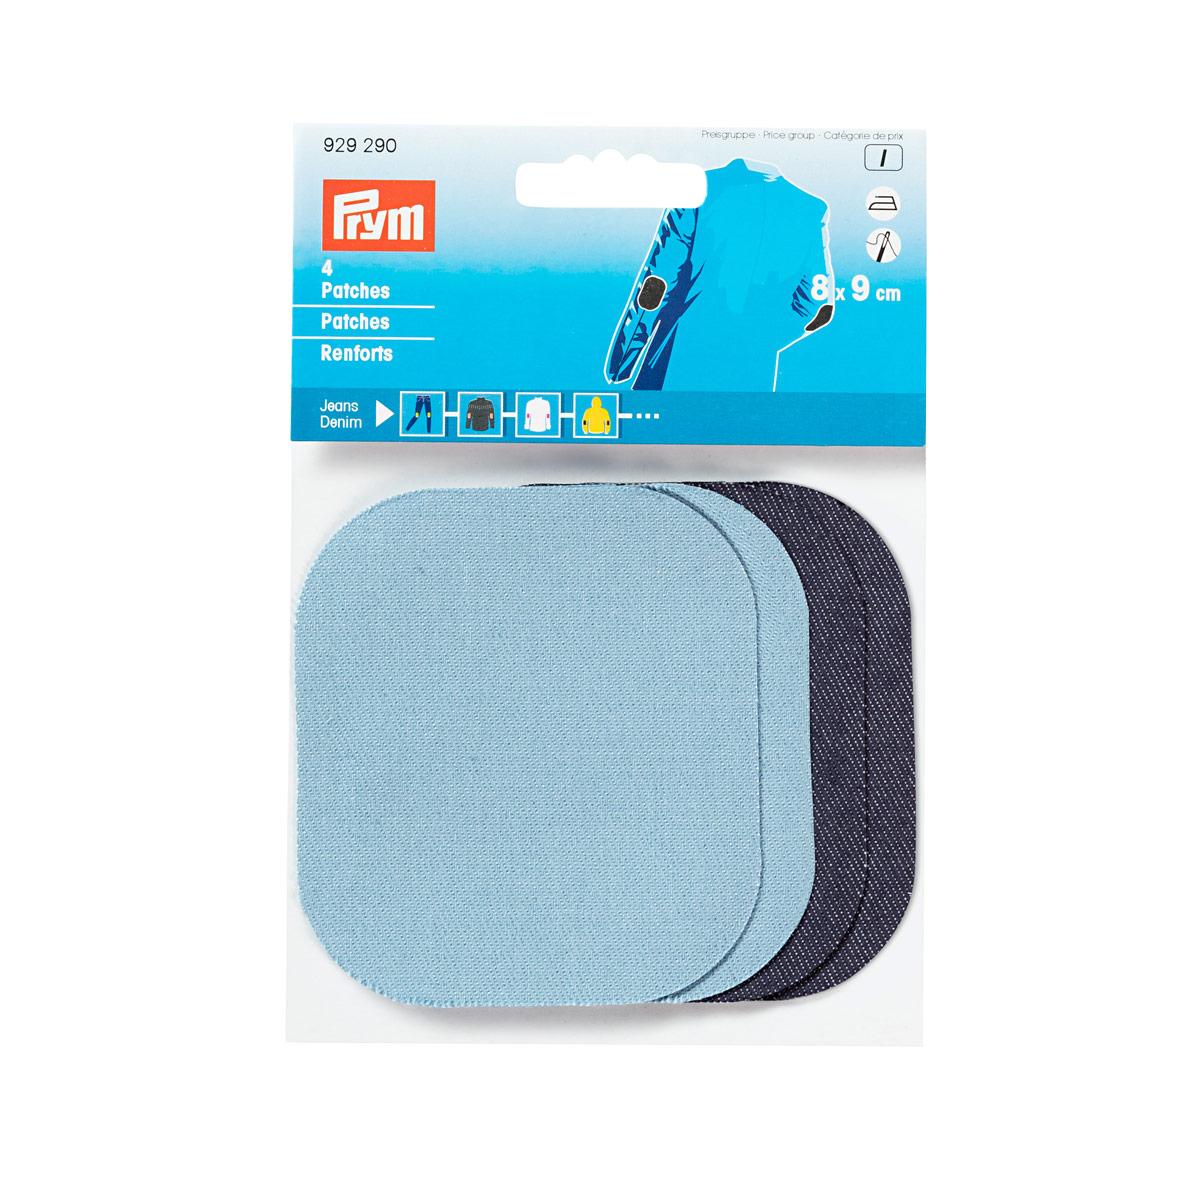 929290 Заплатка термоклеевая 9х8 см, голубой//темно-синий цв. Prym